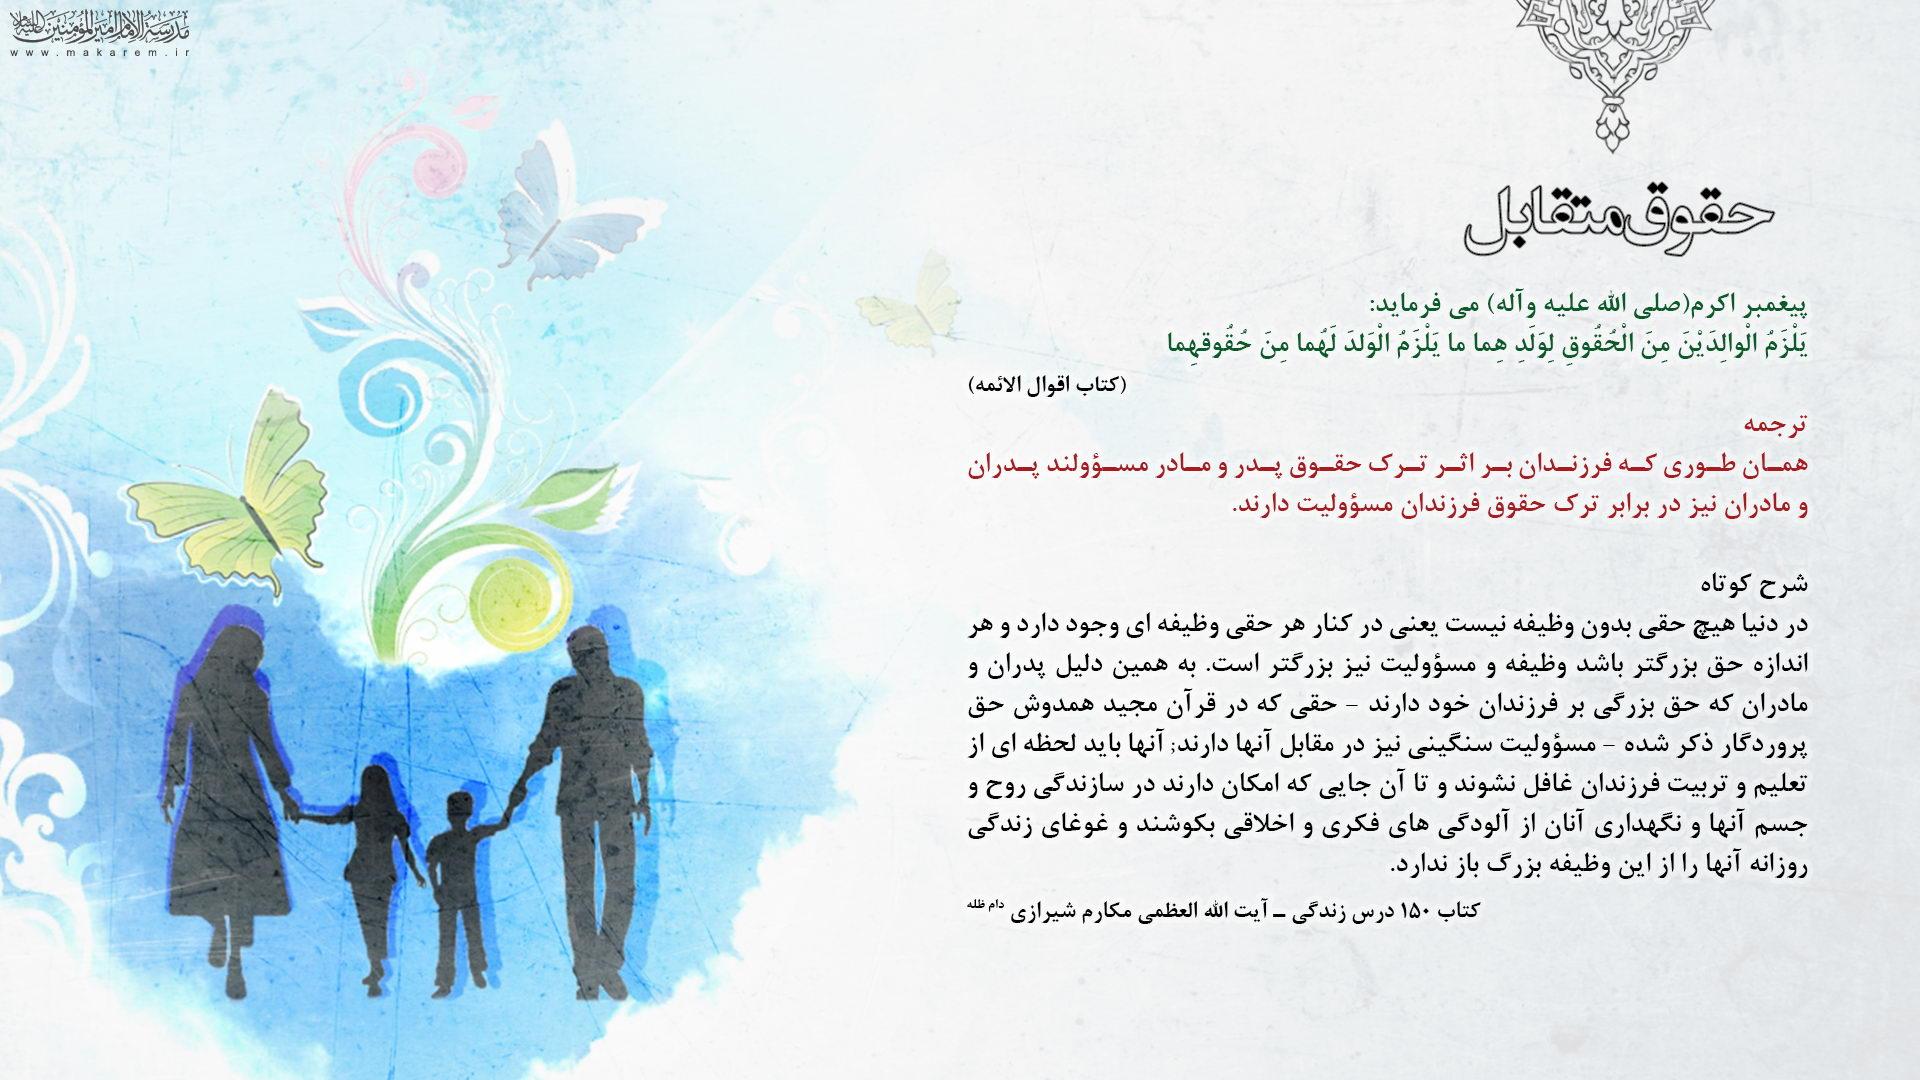 حقوق متقابل-مدرسه الامام امیر المومنین (ع)